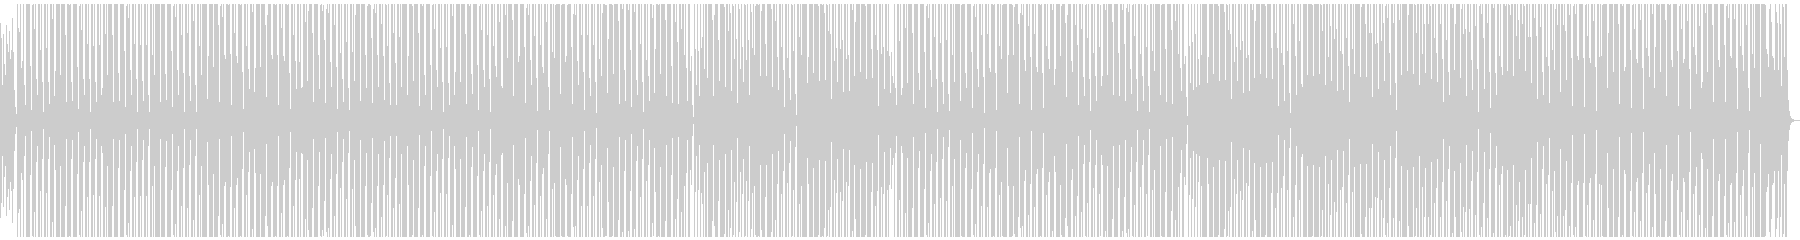 マリンバ中心ほのぼの楽しい雰囲気のBGMの未再生の波形